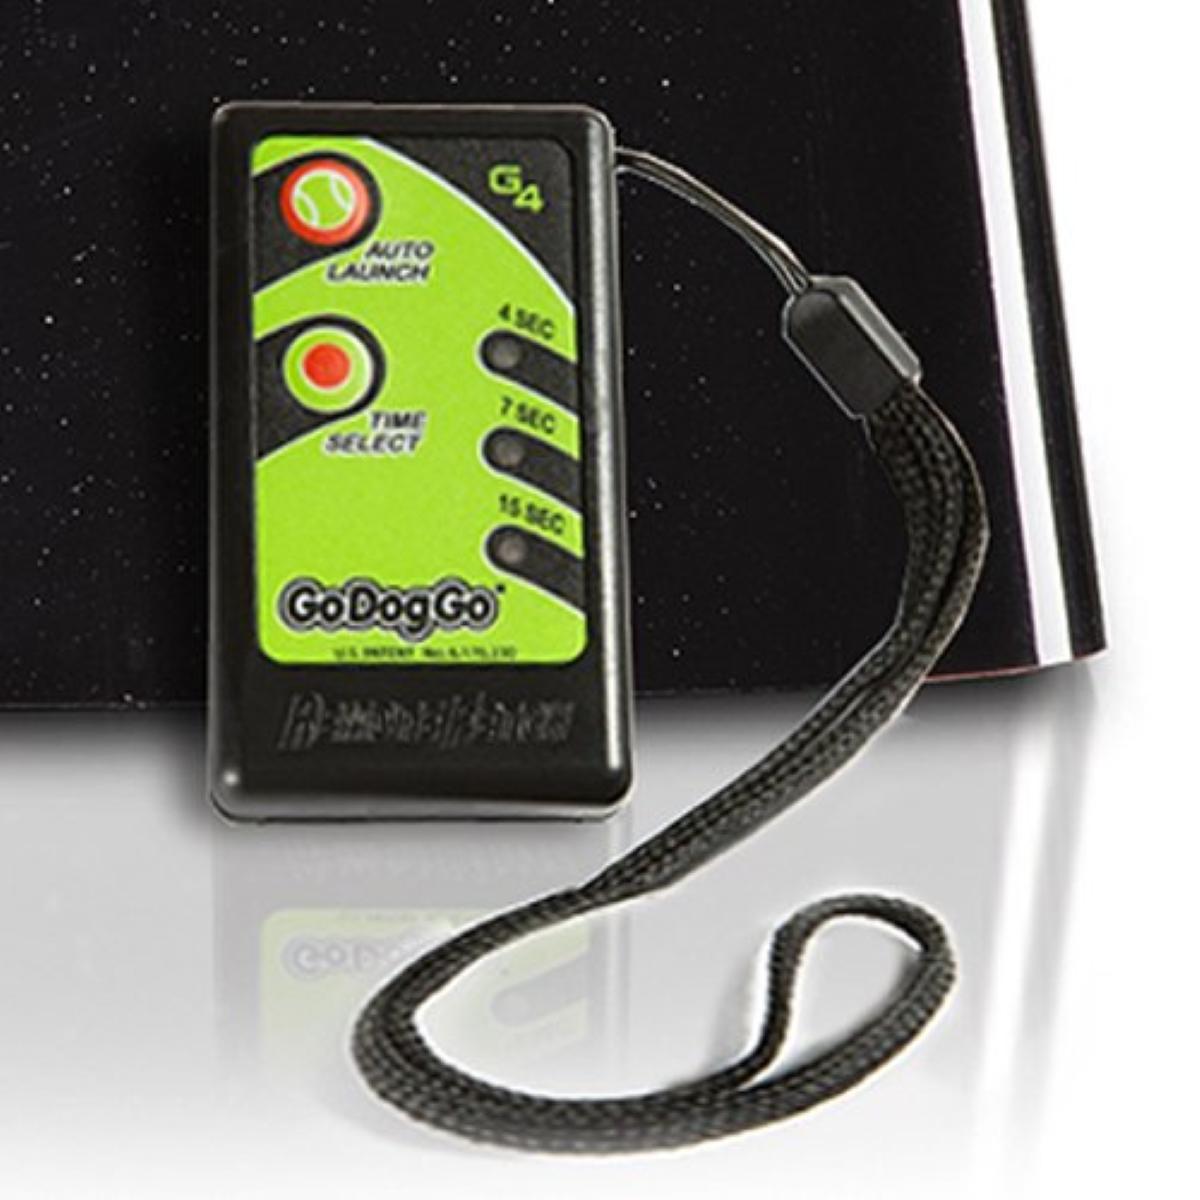 GoDogGo Fetch G4 - Remote's x3 Time Delay Settings